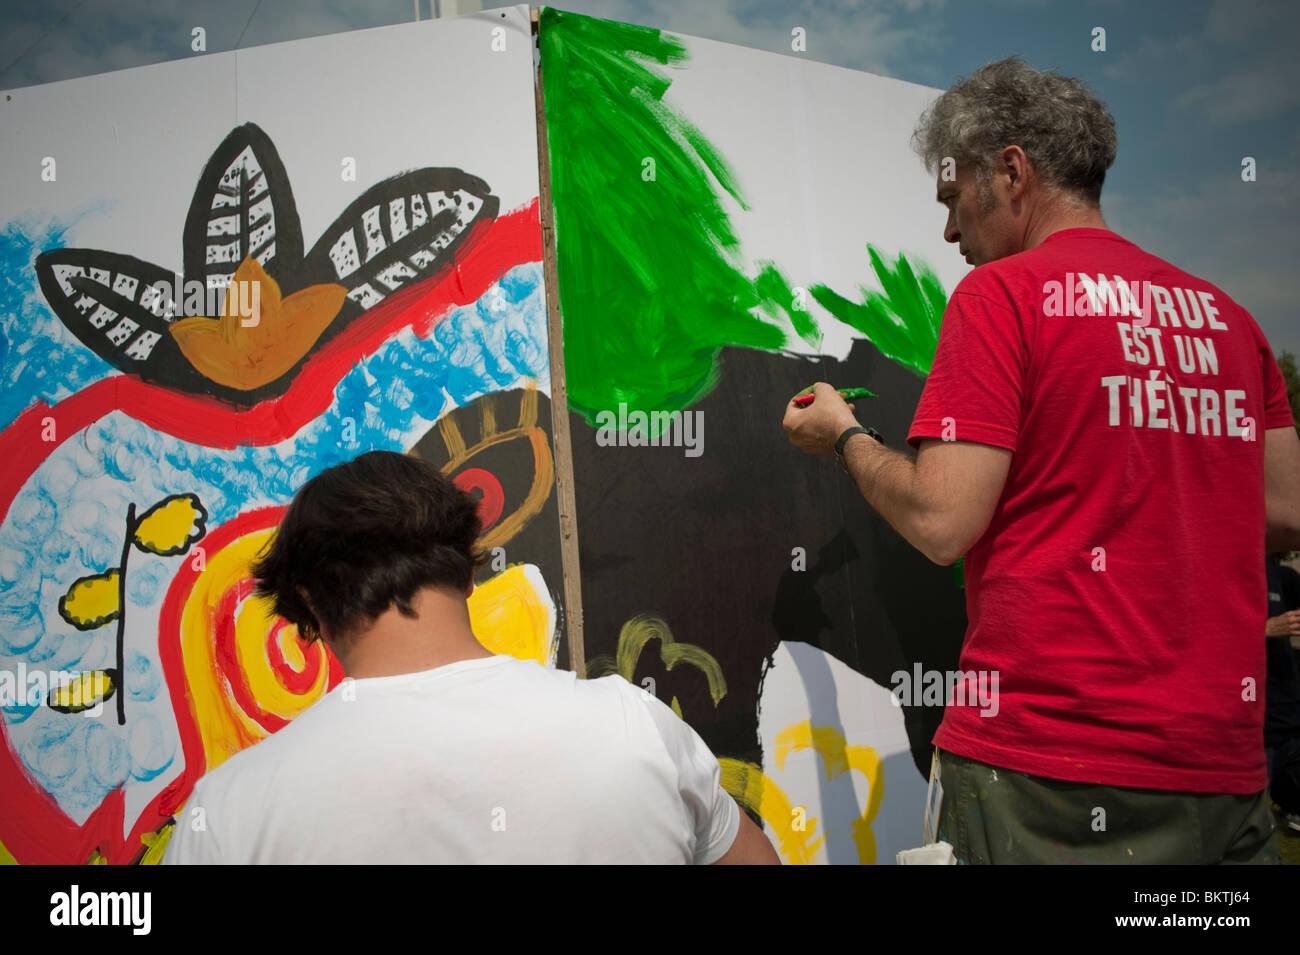 """Festival Mundial del día de """"comercio justo"""", césped del parque de la Villette, hombres pintar Imagen De Stock"""